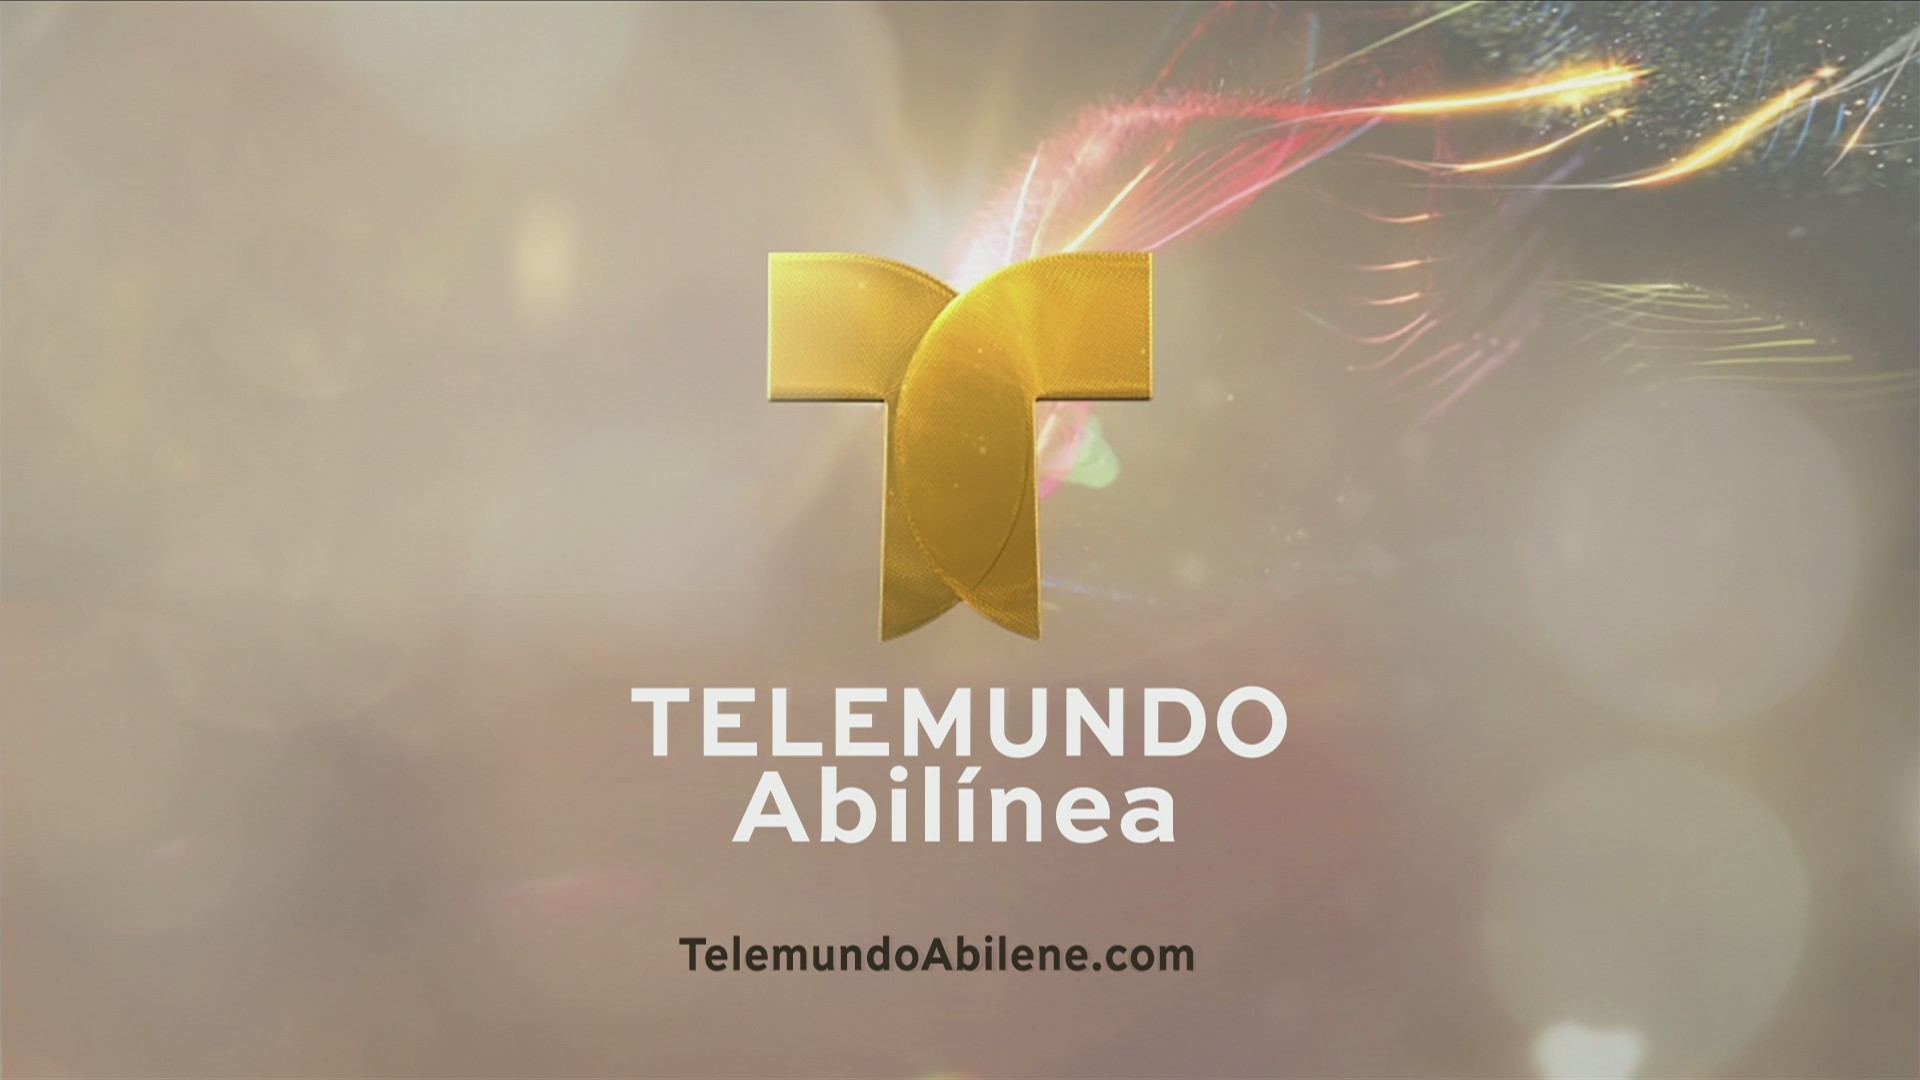 Telemundo Abilínea - 23 de mayo, 2019